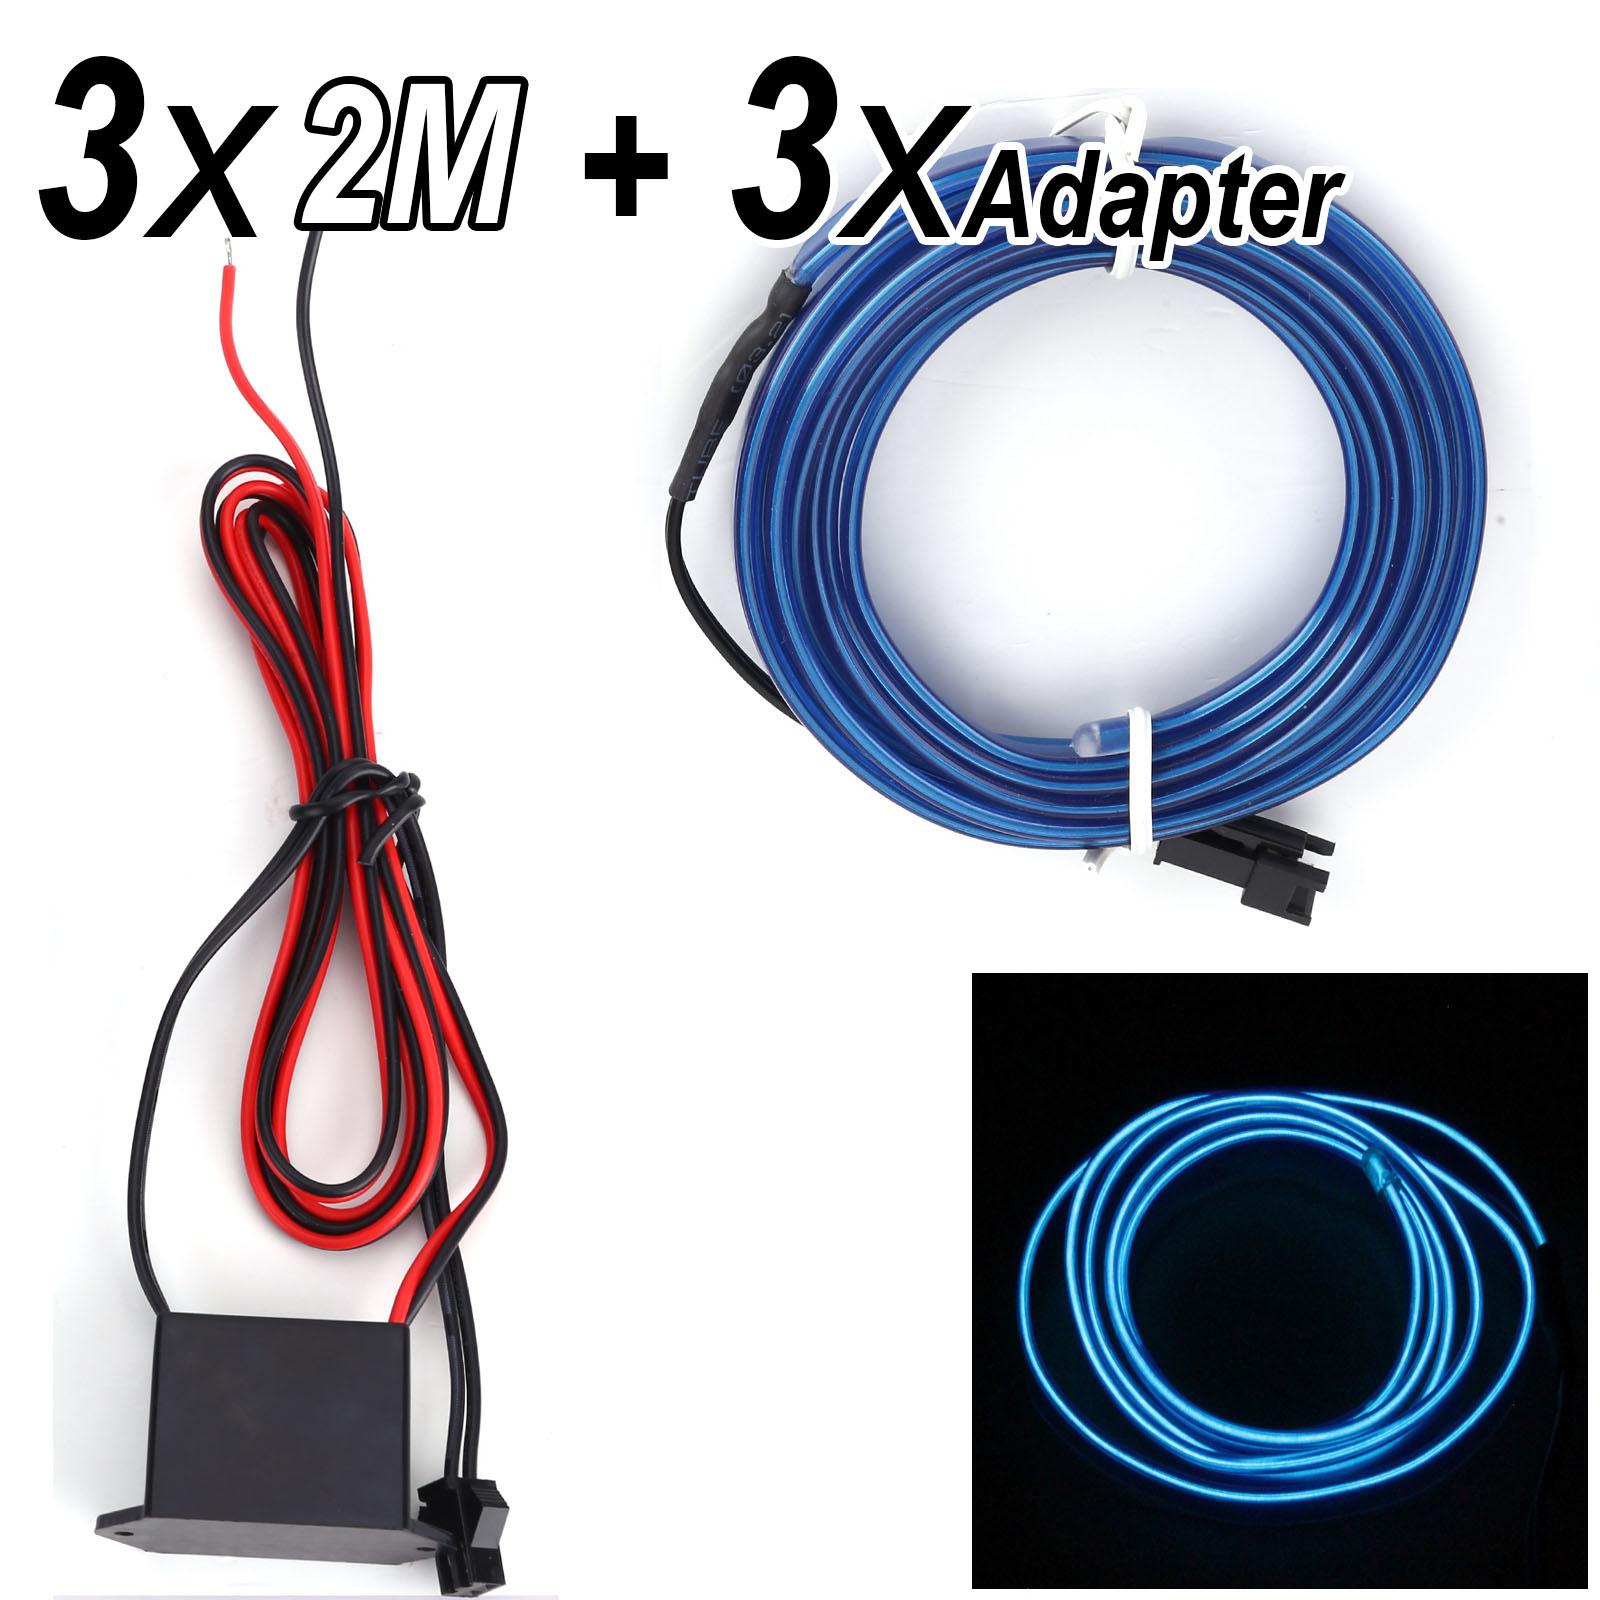 3x 2M Blau EL Neon Kabel Lichtschnur Leuchtschnur Leuchtdraht Wire ...